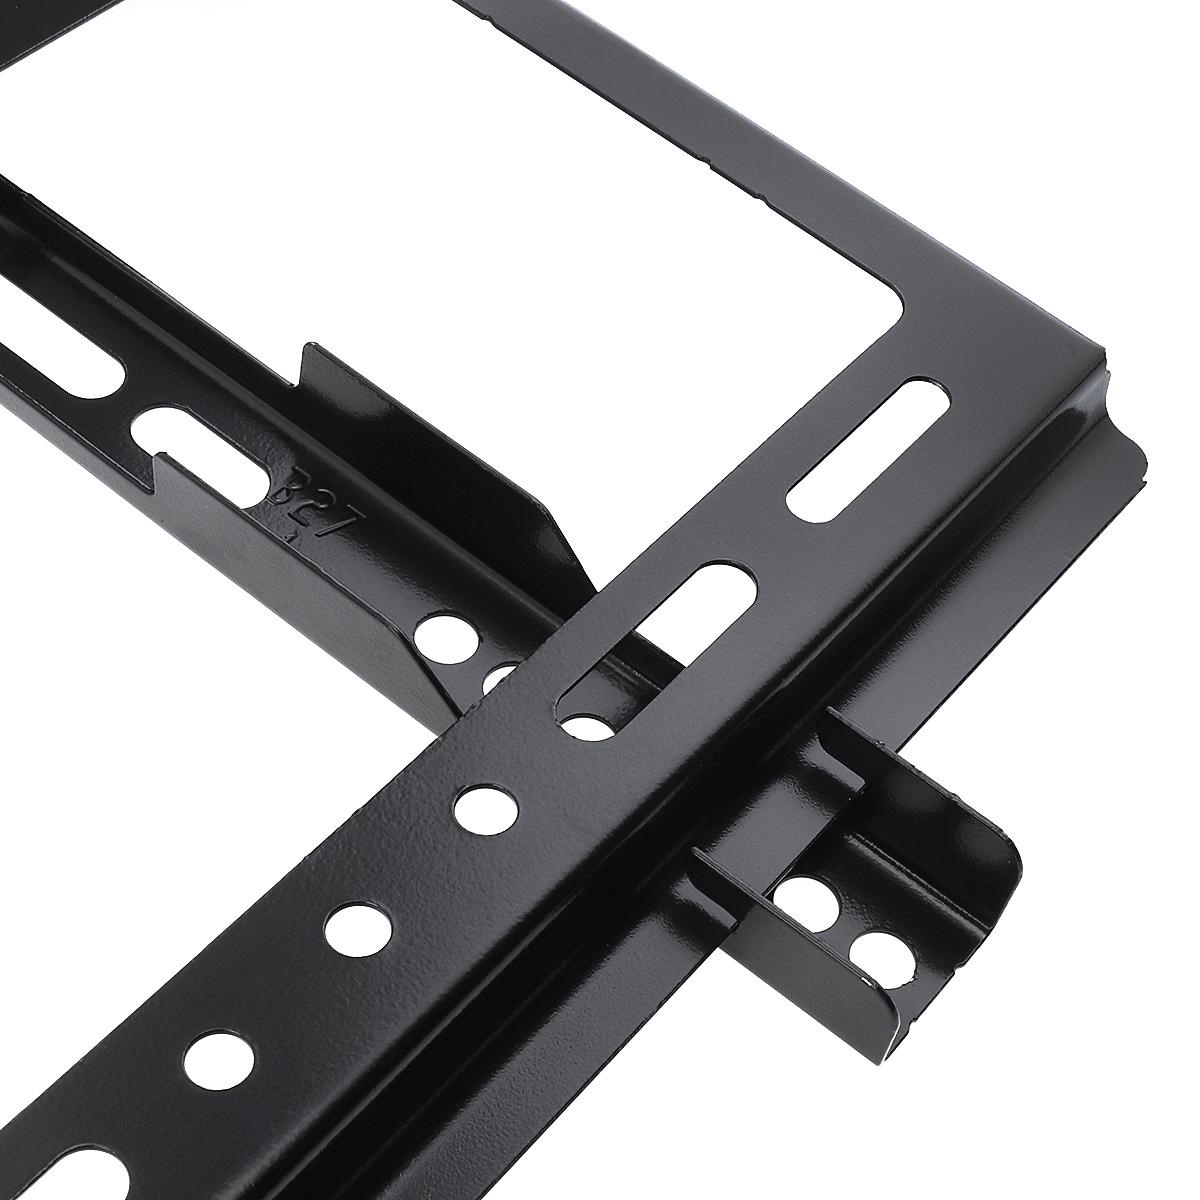 wholesale universal 25kg adjustable tv wall mount bracket flat panel tv frame for 10 32 inch. Black Bedroom Furniture Sets. Home Design Ideas